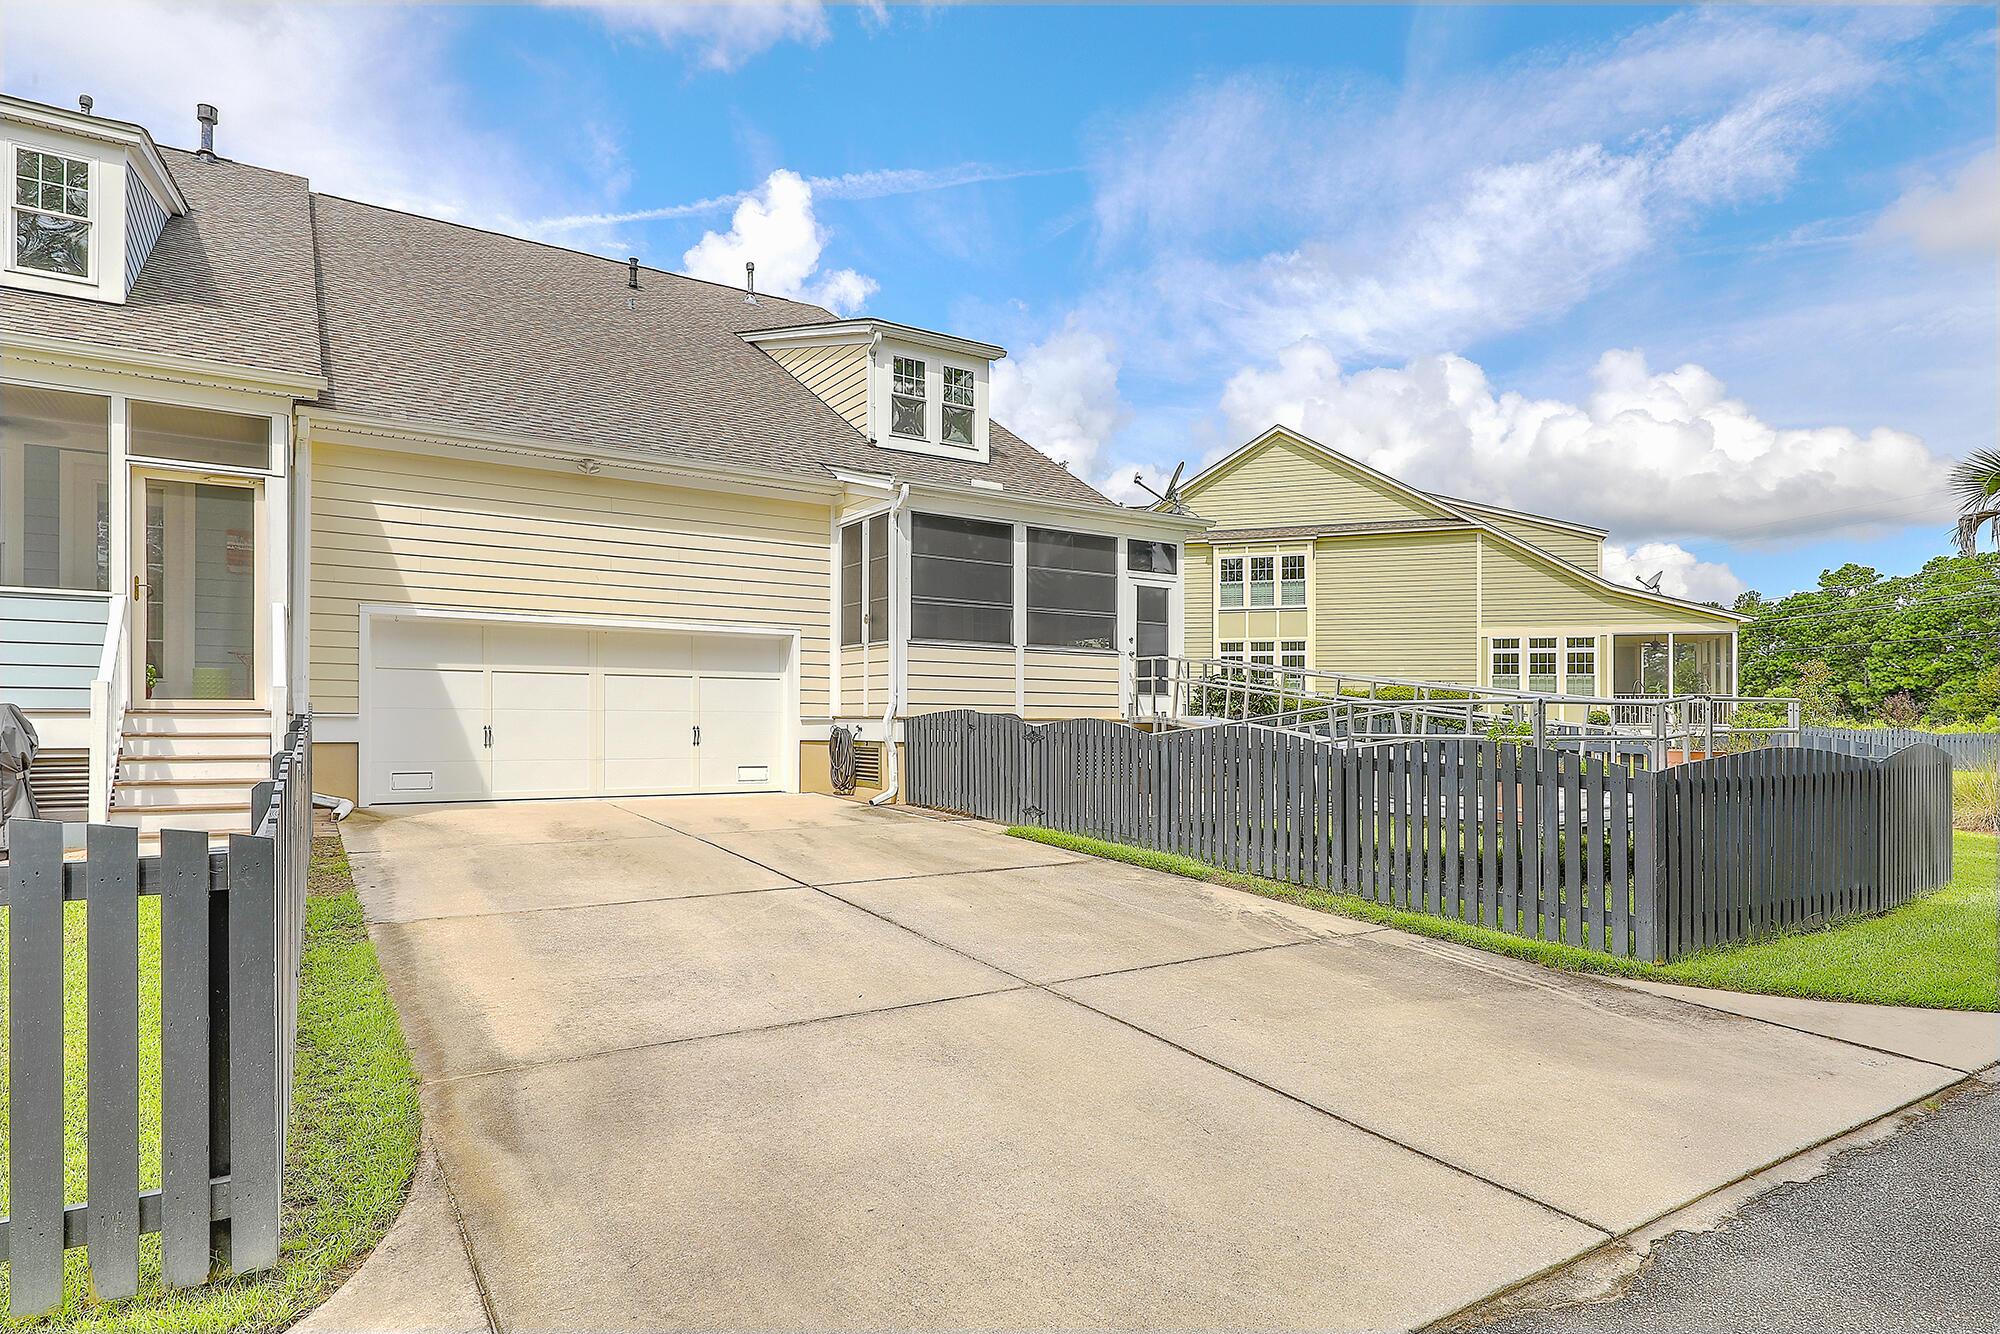 Dunes West Homes For Sale - 3171 Sturbridge, Mount Pleasant, SC - 28